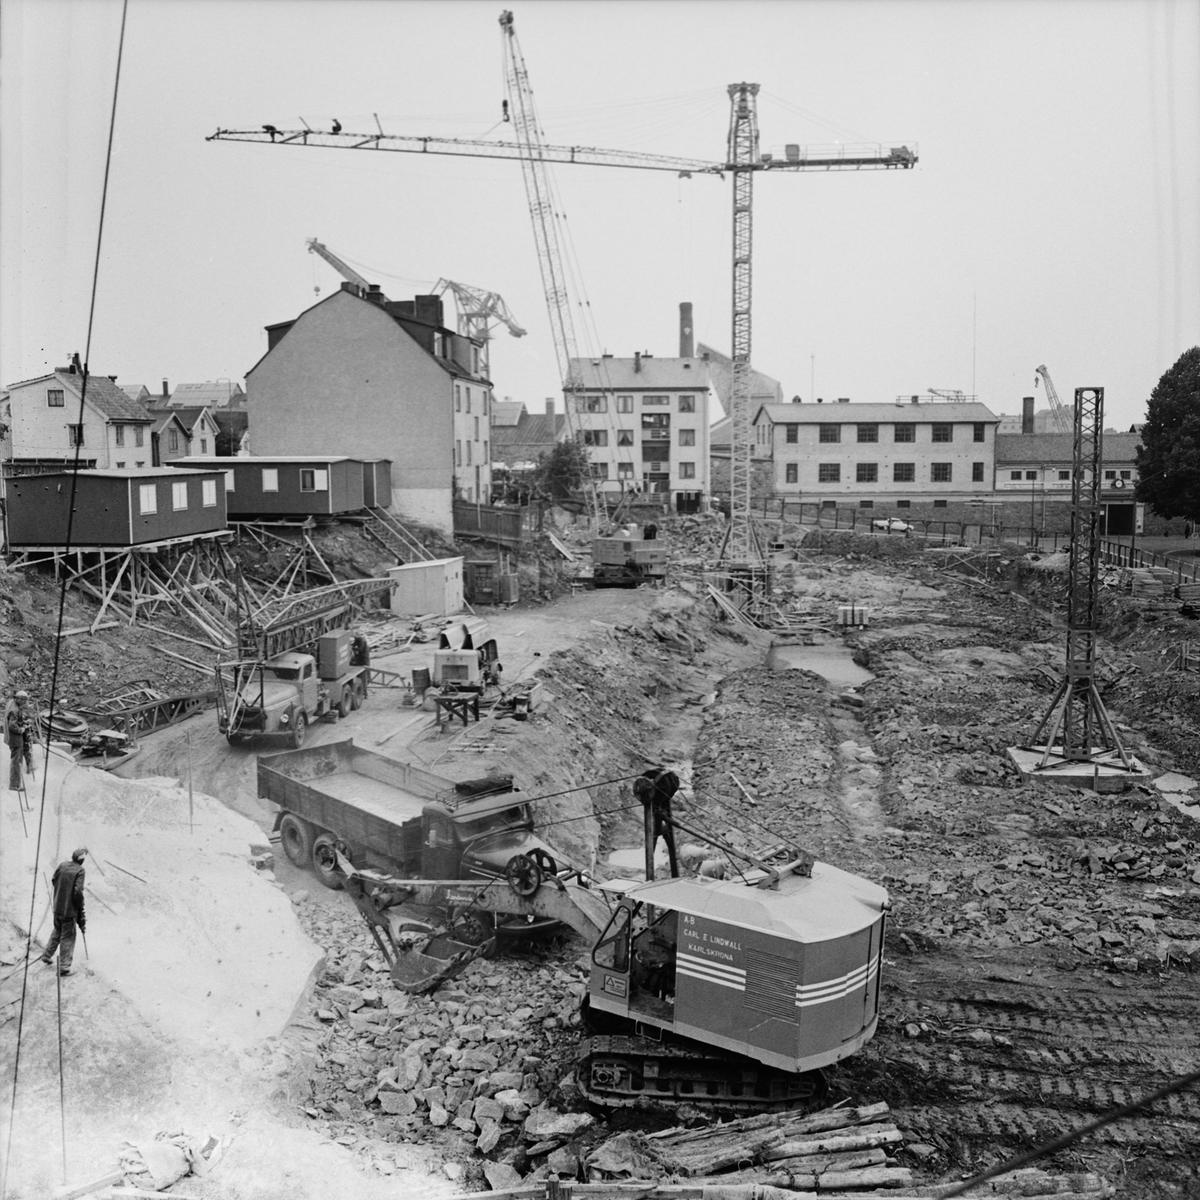 Övrigt: Foto datum: 13/7 1965 Byggnader och kranar Kvarteret Pollux